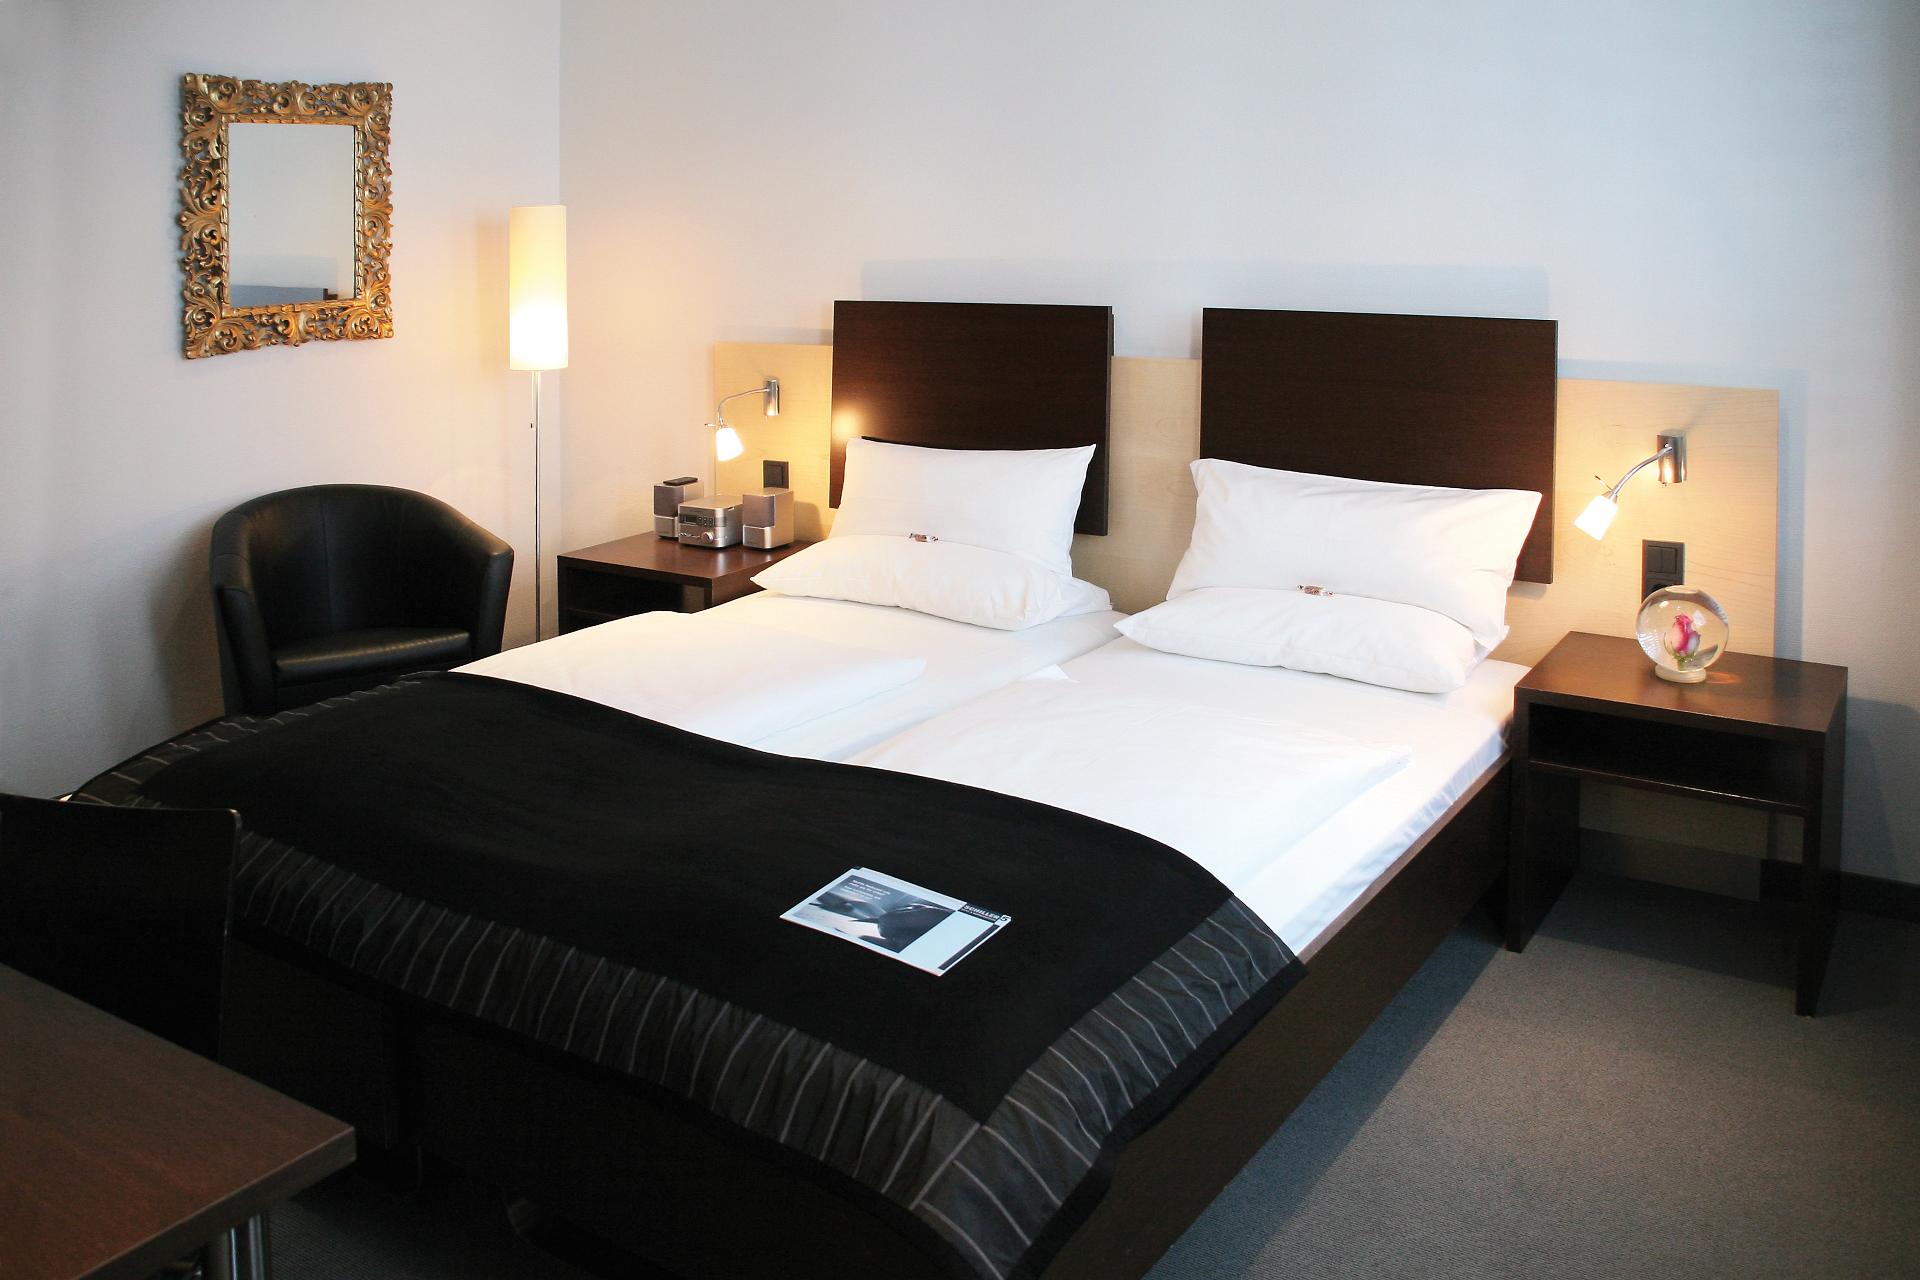 Suite SCHILLER 5 - SCHILLER 5 - Das @was andere Hotel im Herzen von ...